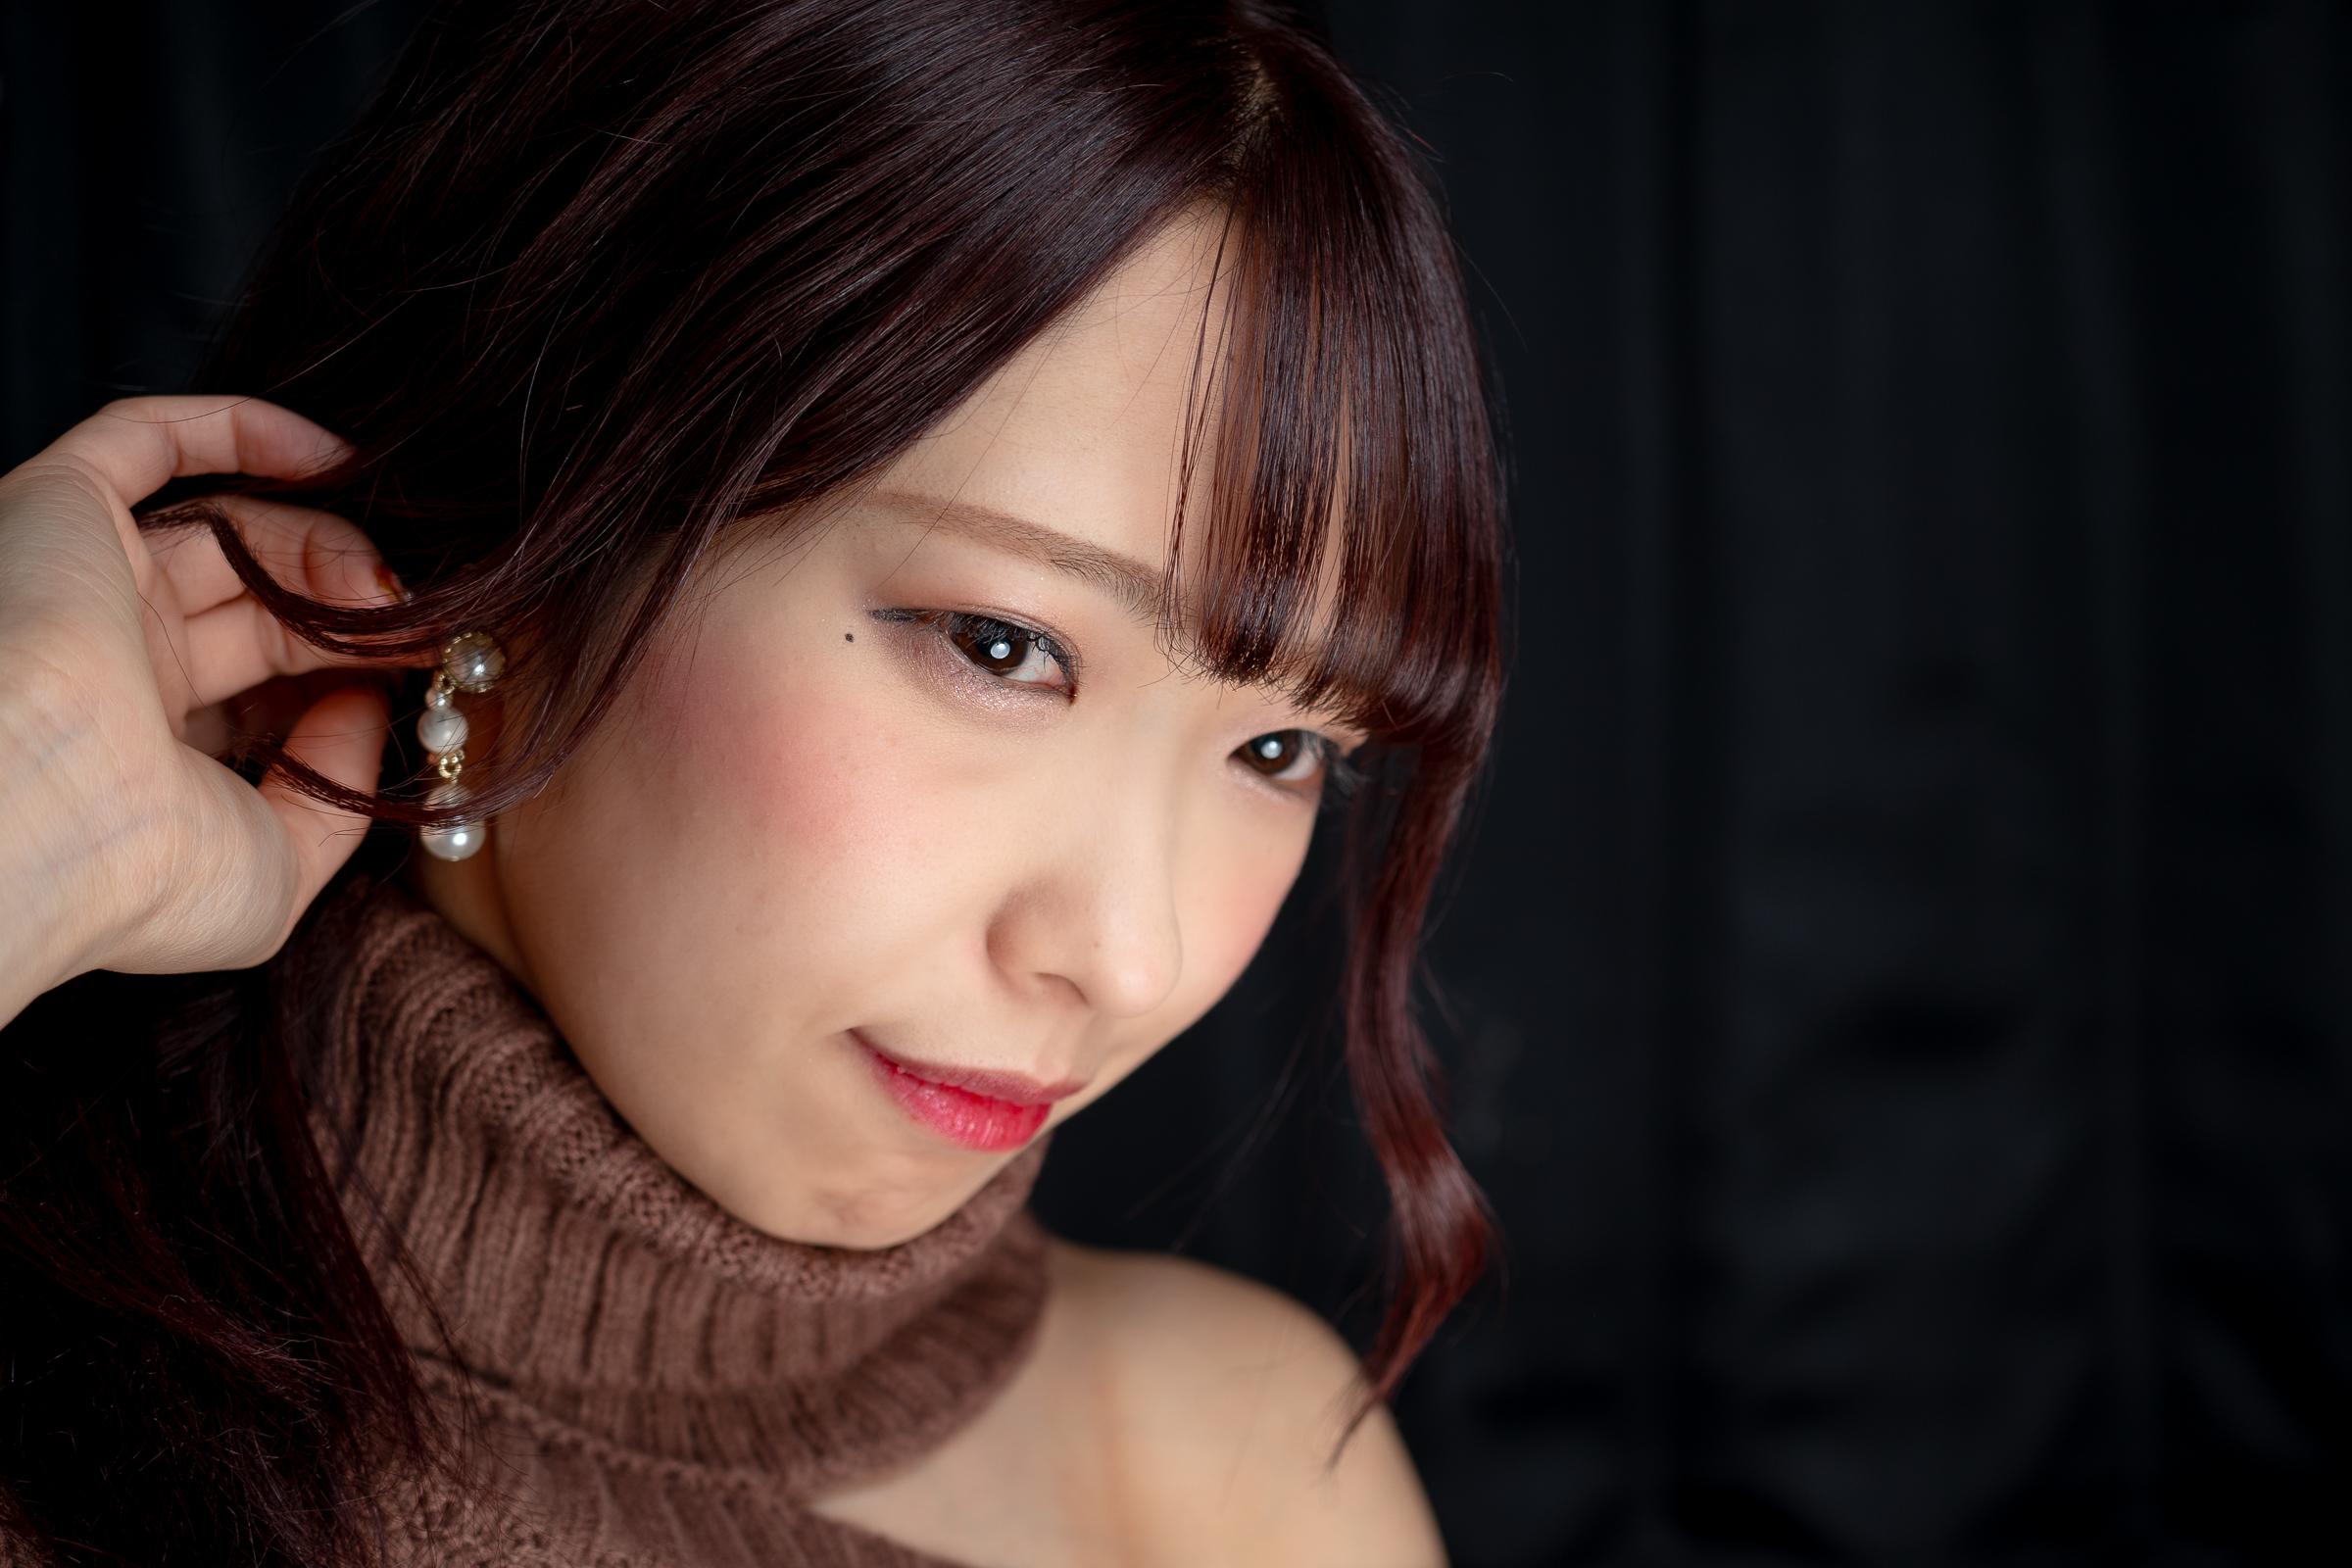 フルーティー♡ おばち ( 小原優花 ) | モデルプロ撮影会 in 事務所